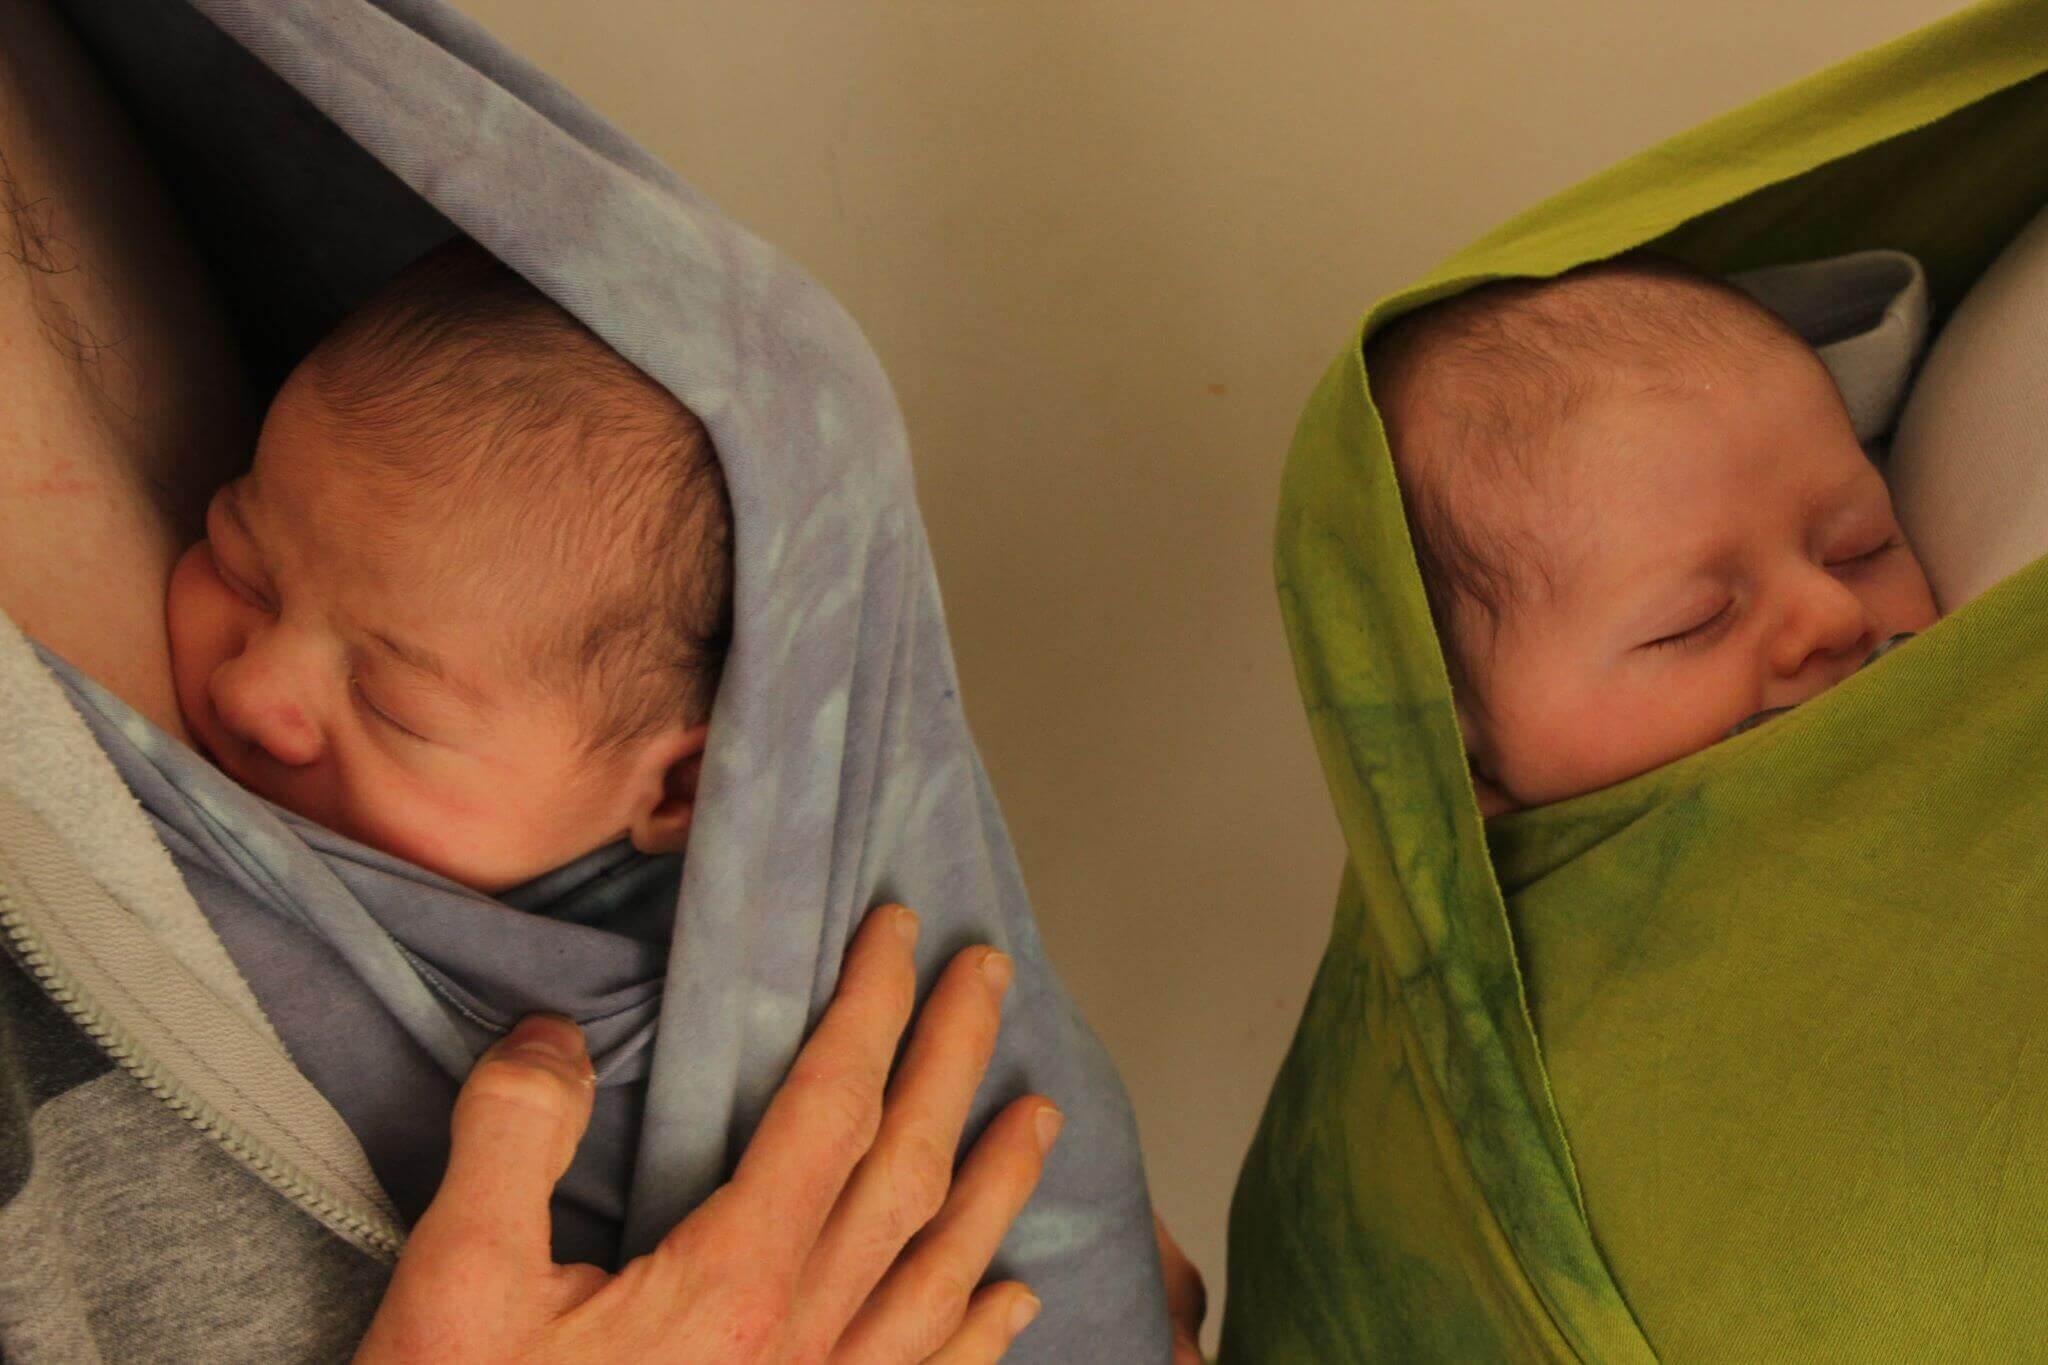 איך ללמד תינוקות להרפות ומדוע זה חשוב?